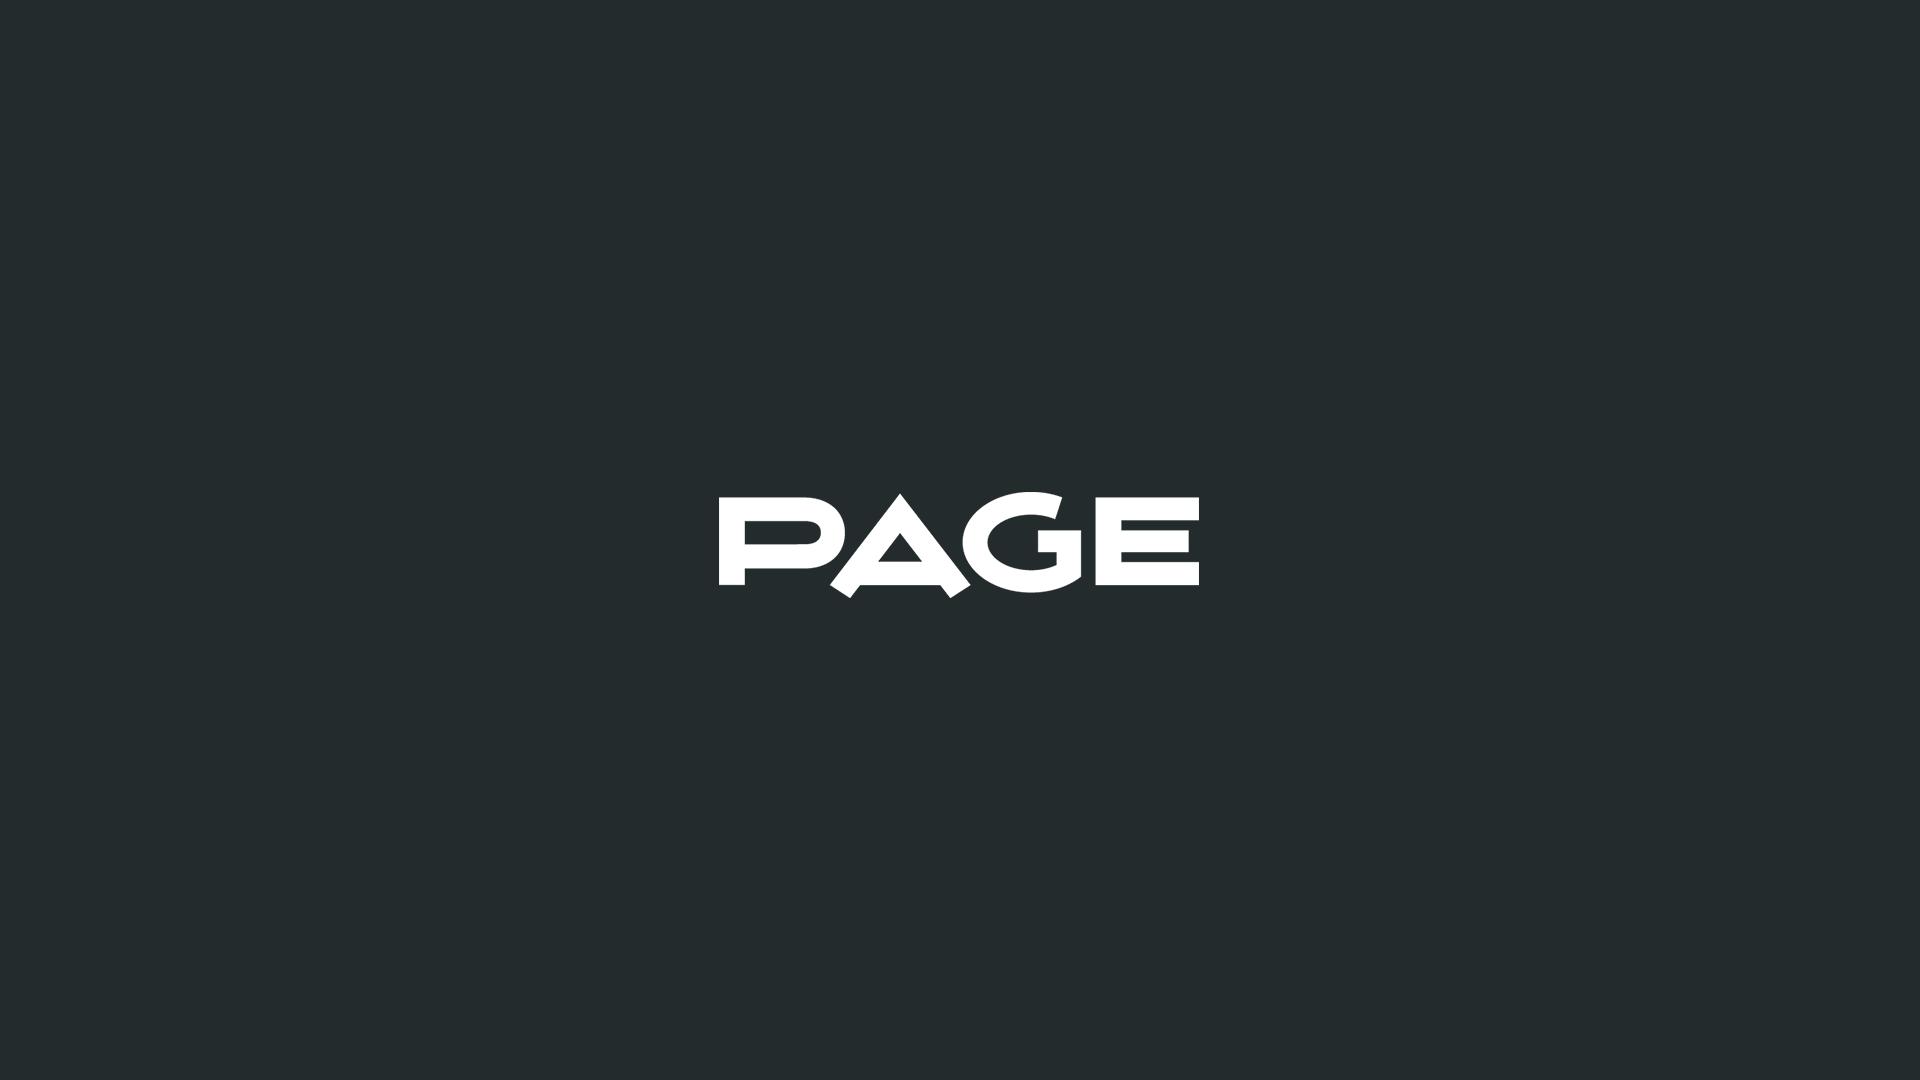 PAGE ist ein deutsches Magazin für Mediengestaltung. Es ist ein Informationsmedium für Gestalter in der Design-, Kommunikations-, Digitalbranche.